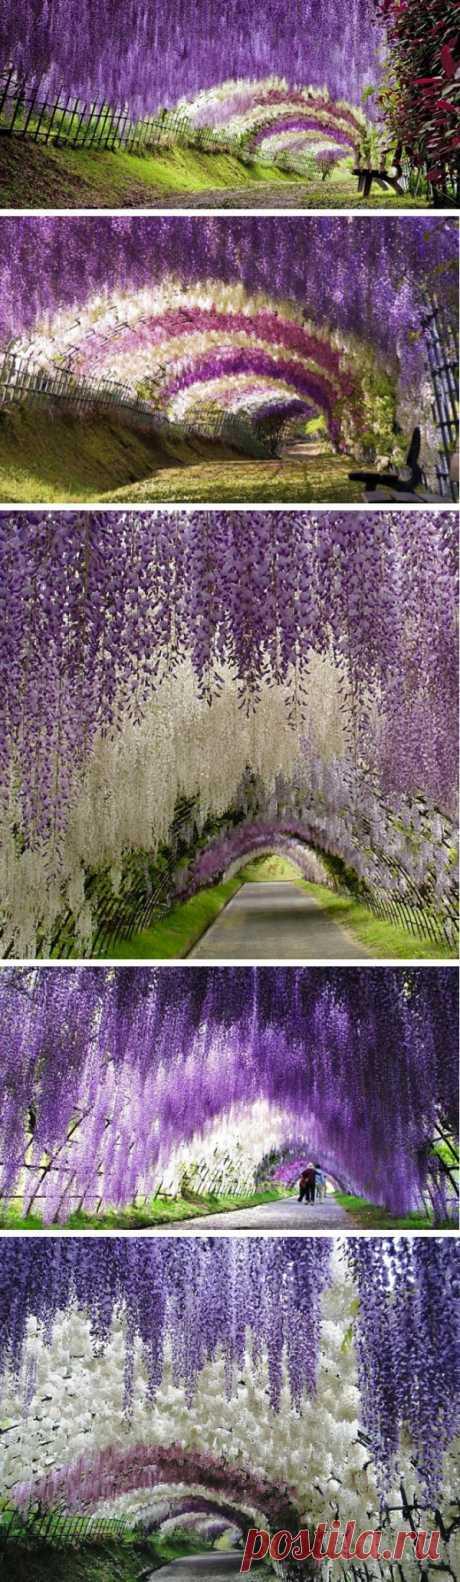 ¡El túnel de los colores! El jardín colgante de los colores de Kavati Fudzi, Japón